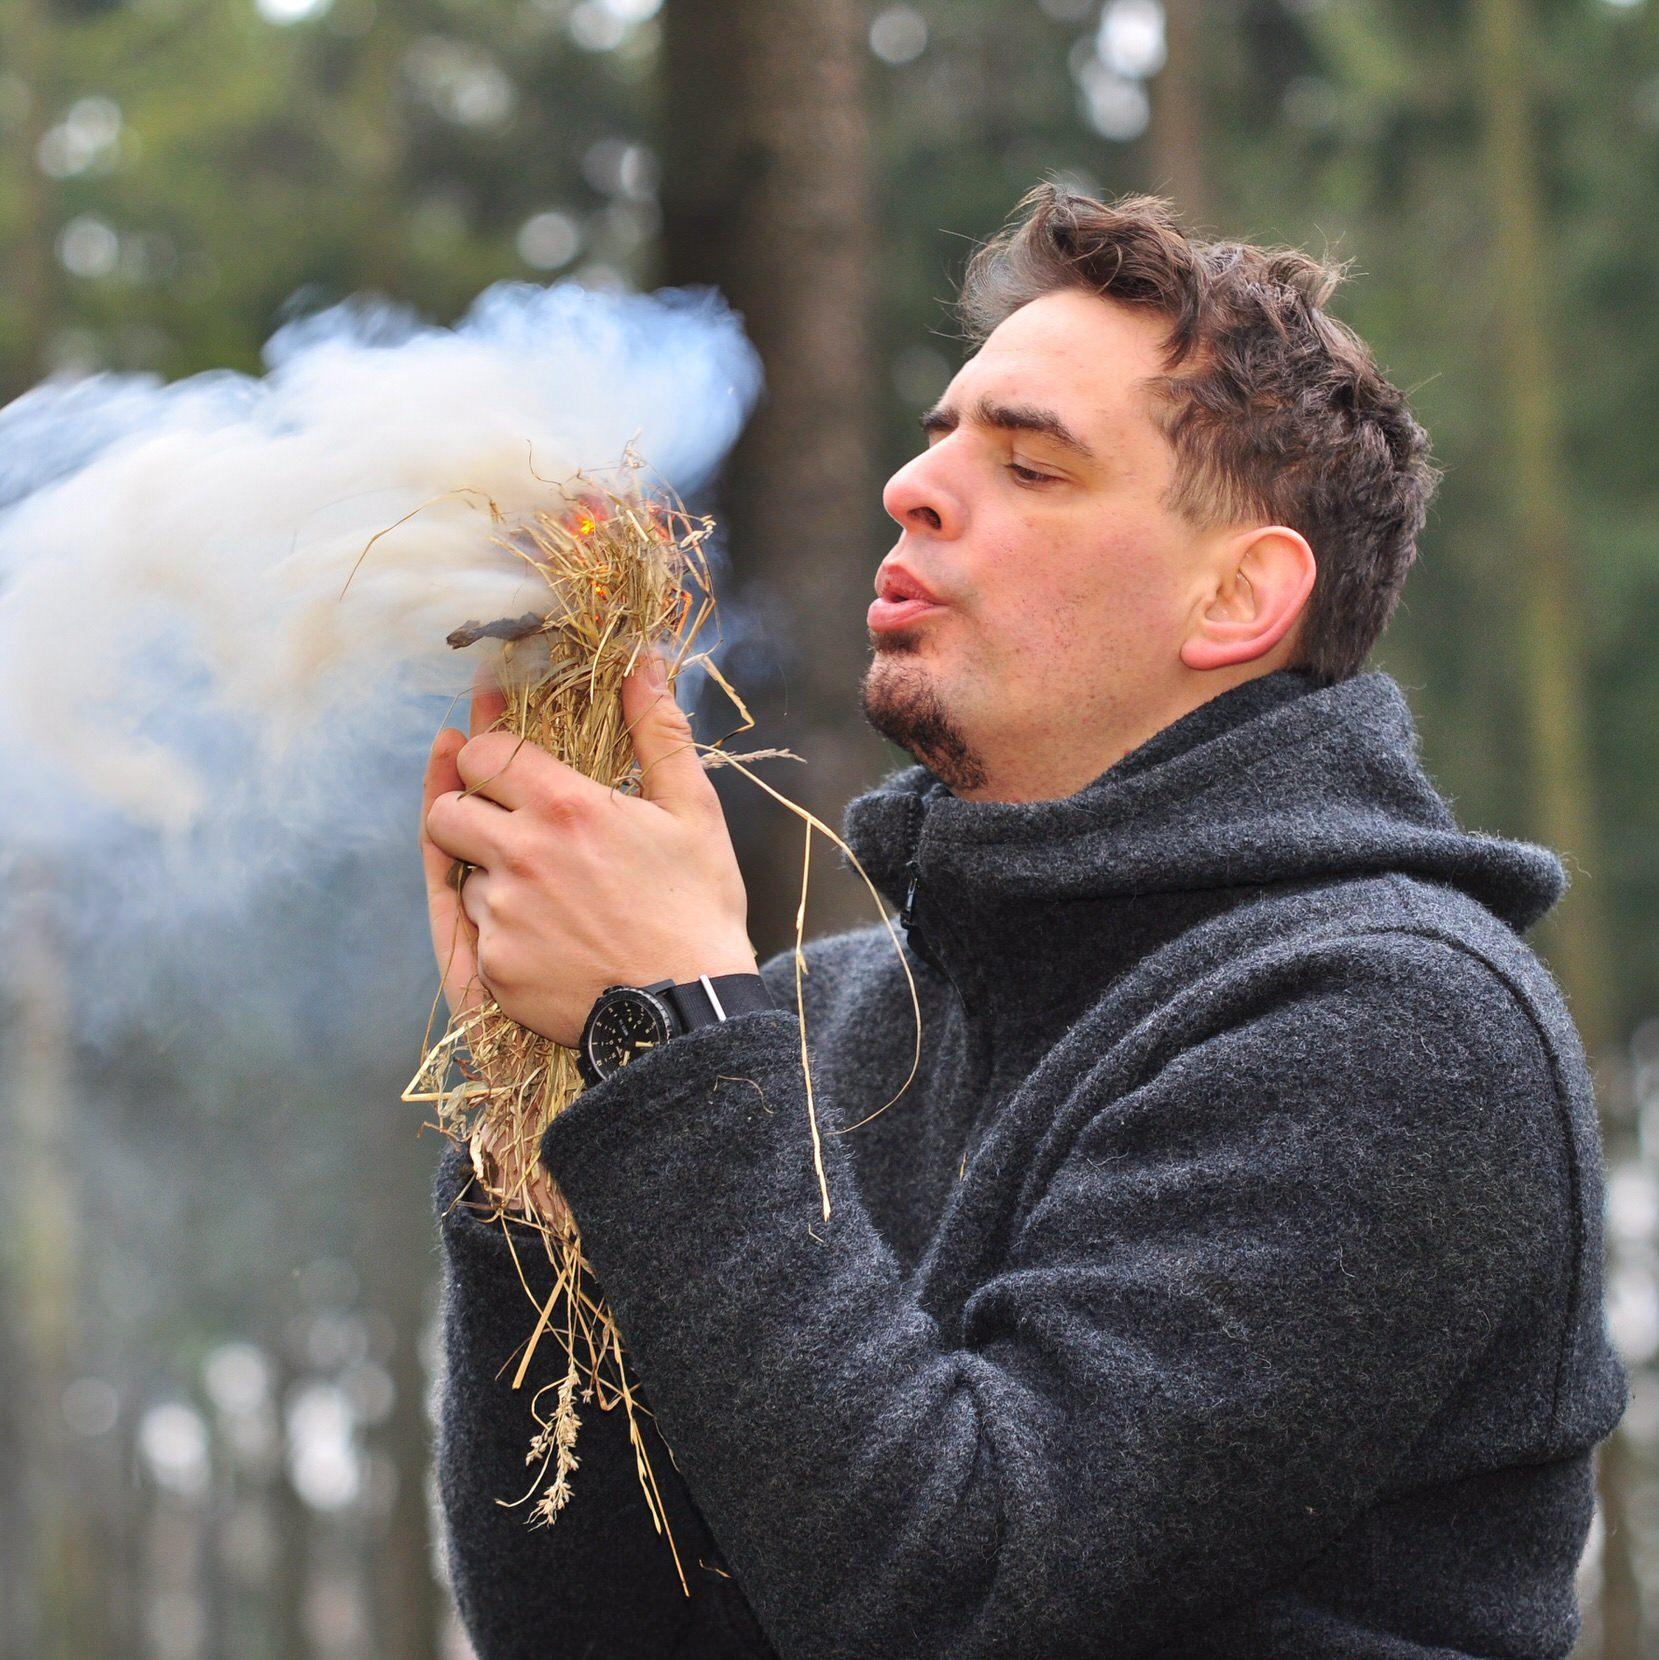 Mann im Wald startet Feuer